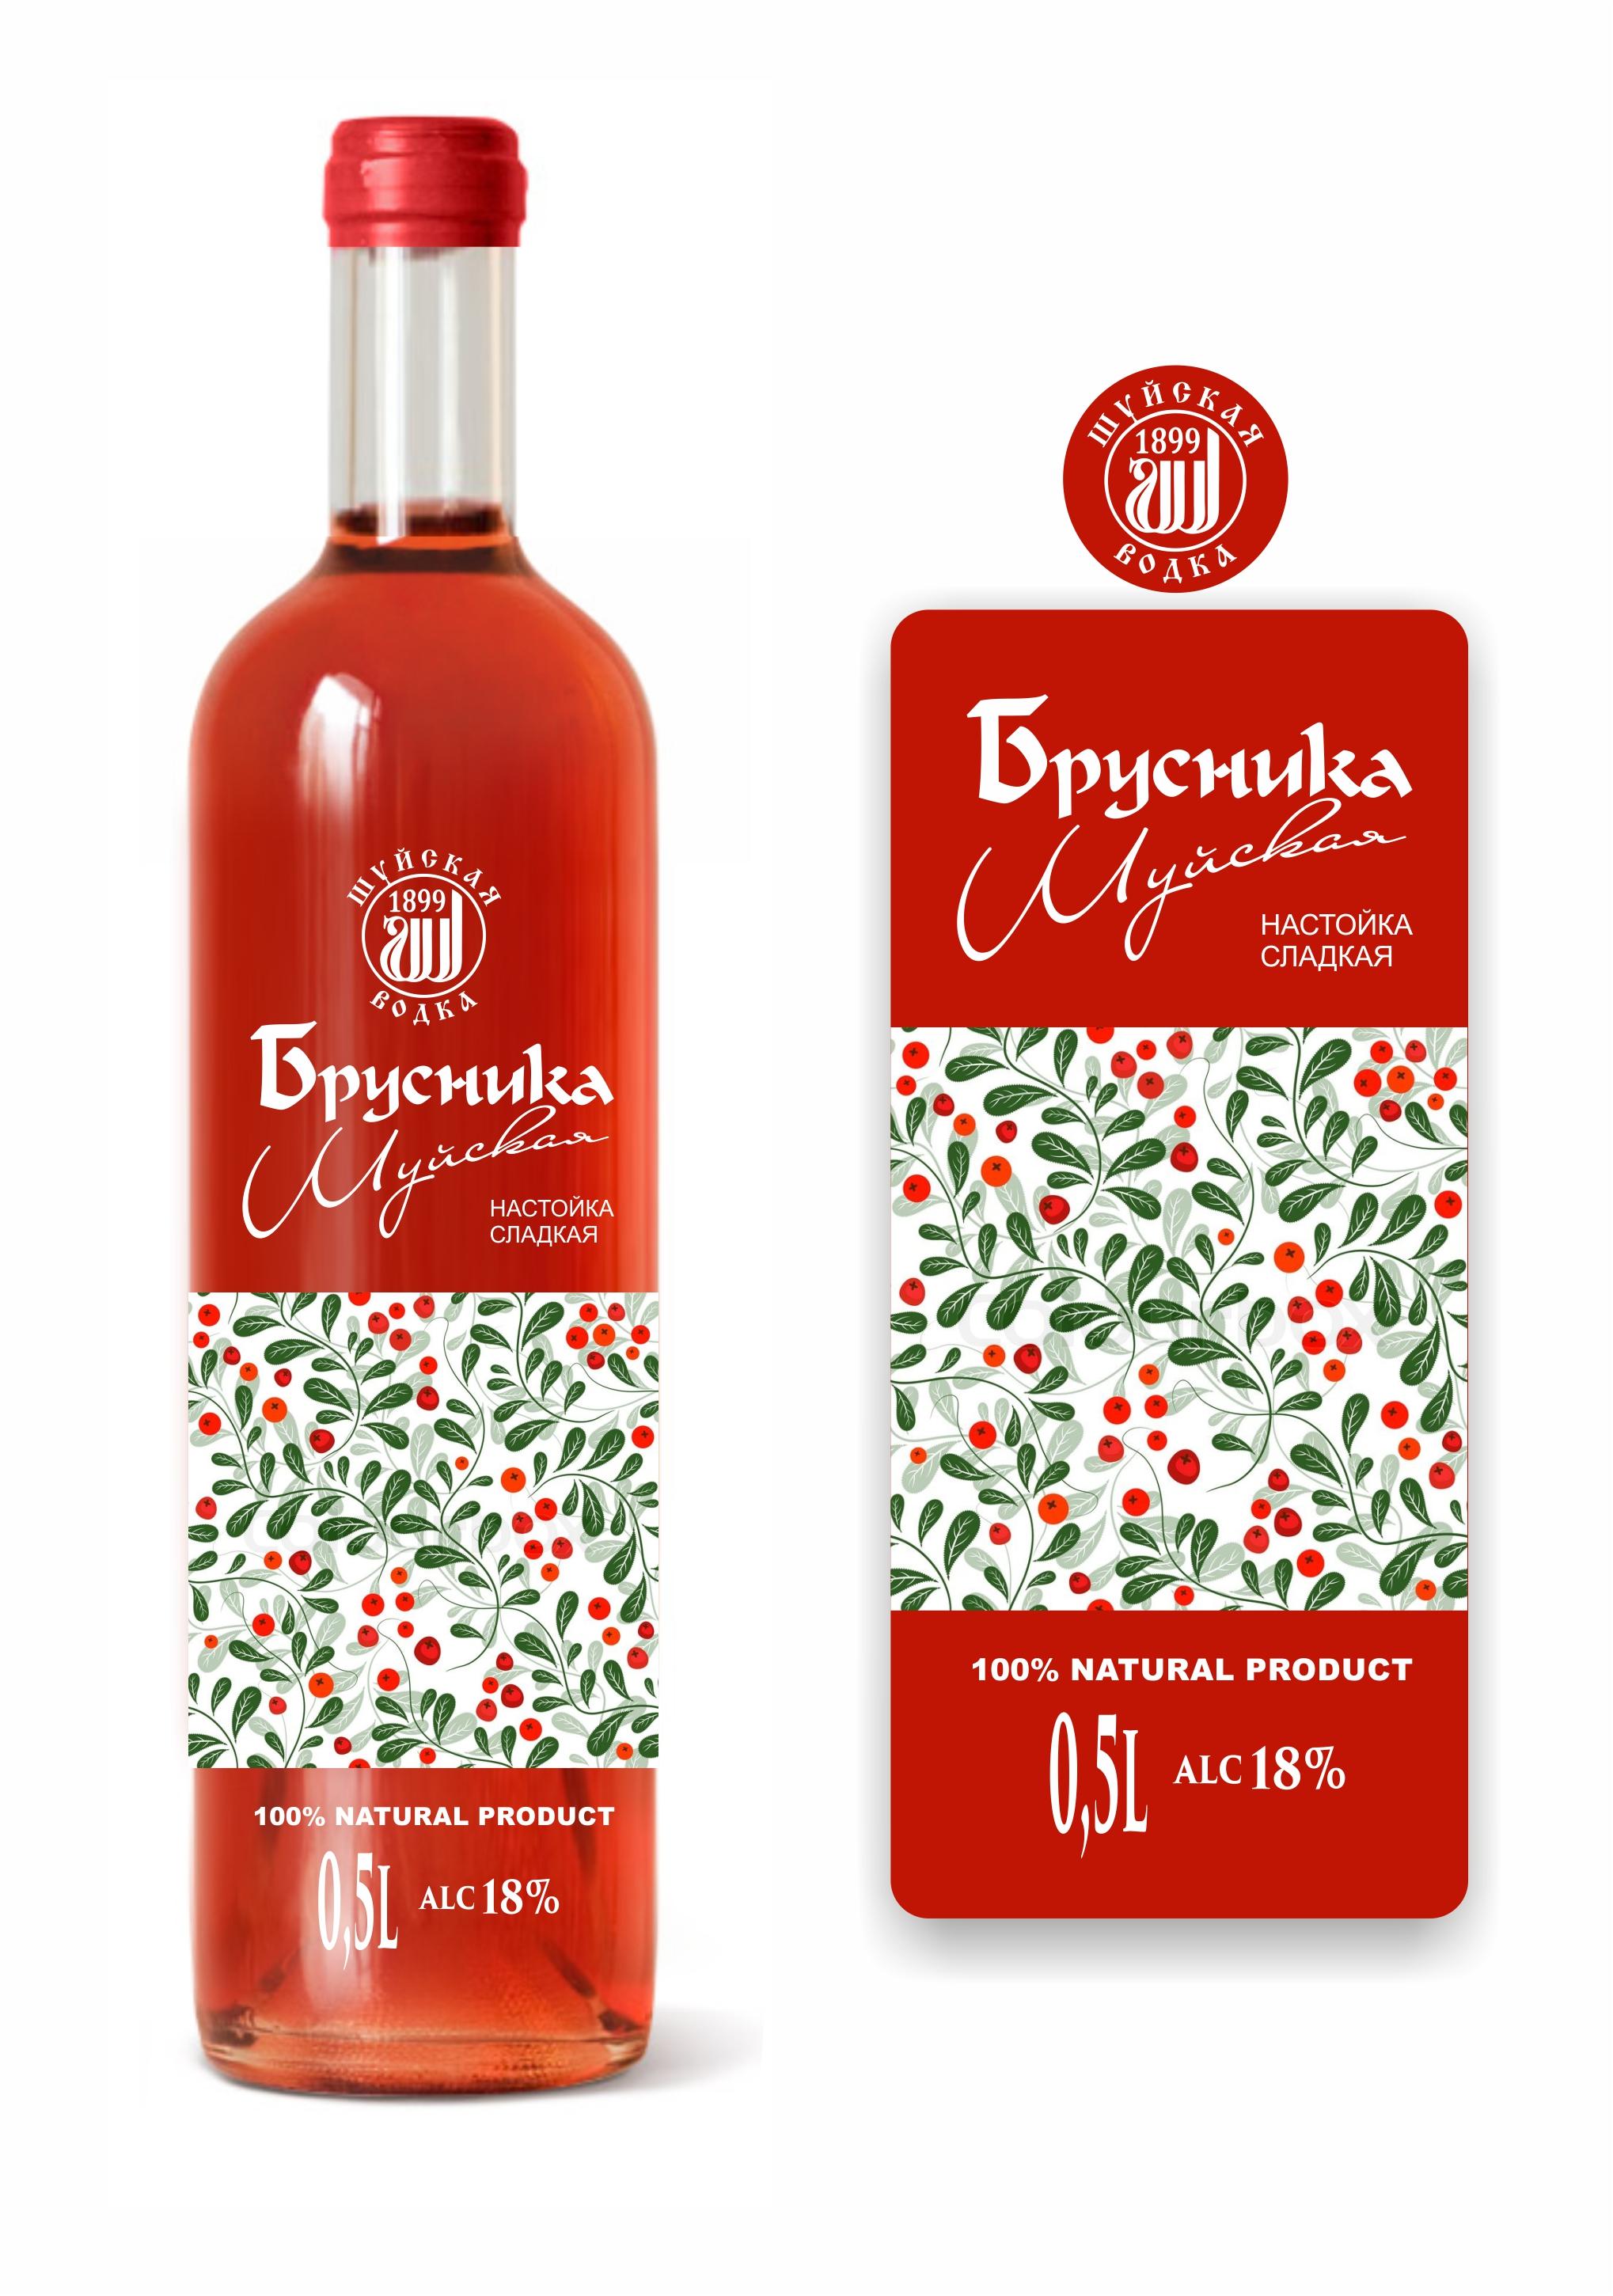 Дизайн этикетки алкогольного продукта (сладкая настойка) фото f_4695f87c0ee7d9e8.jpg